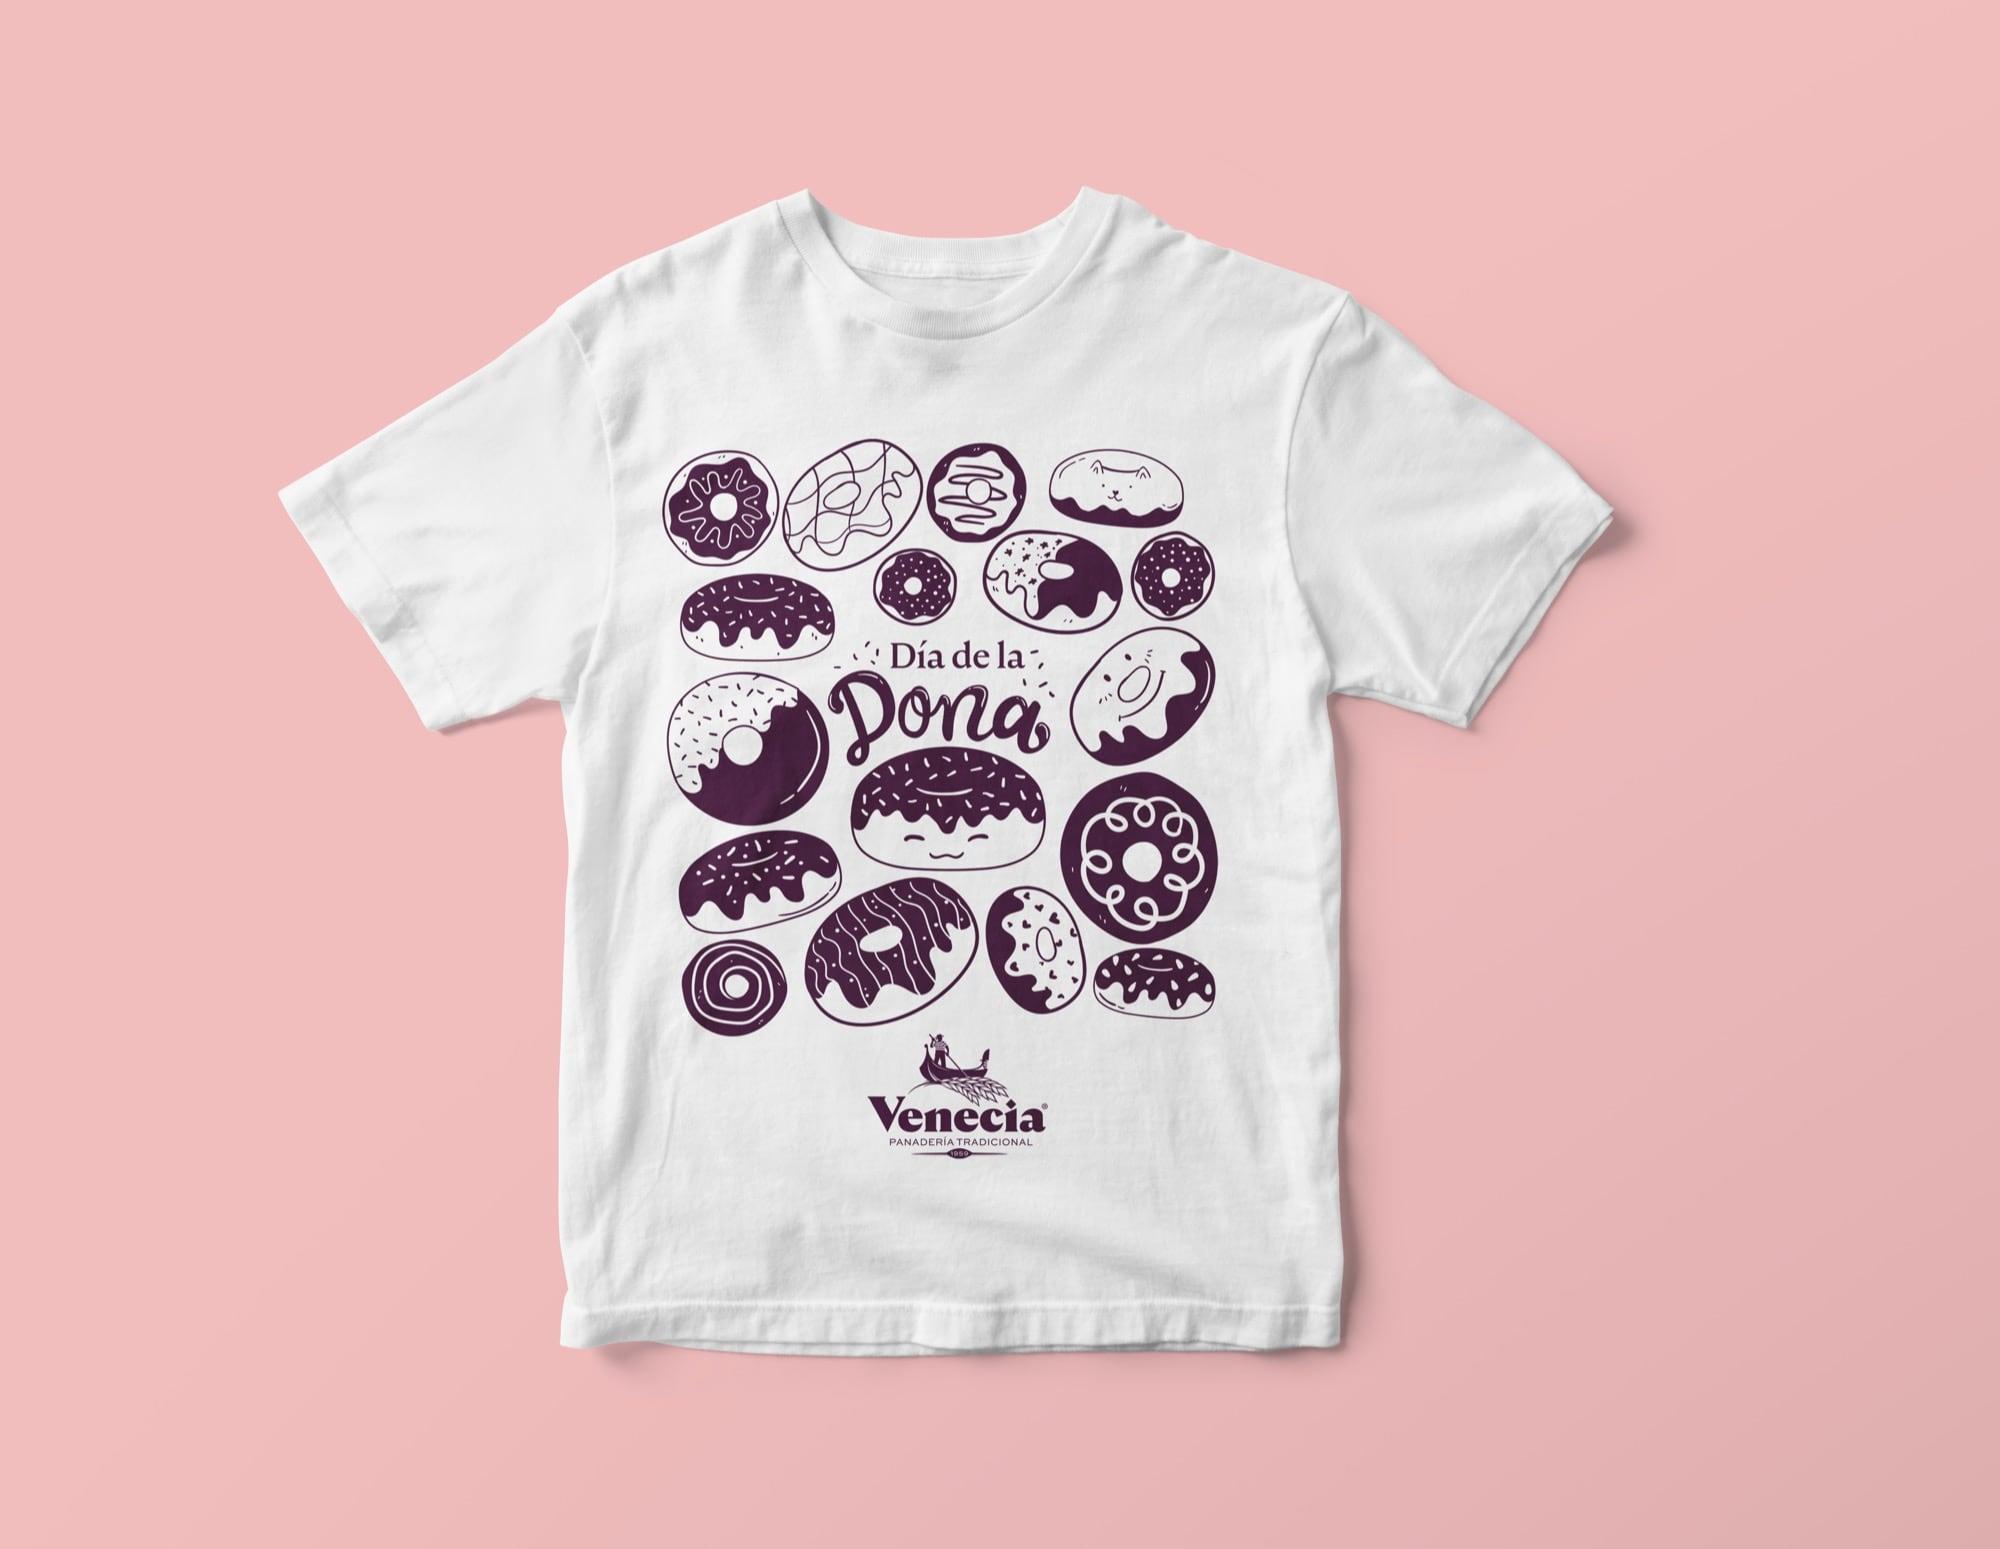 Tshirt Mockup1